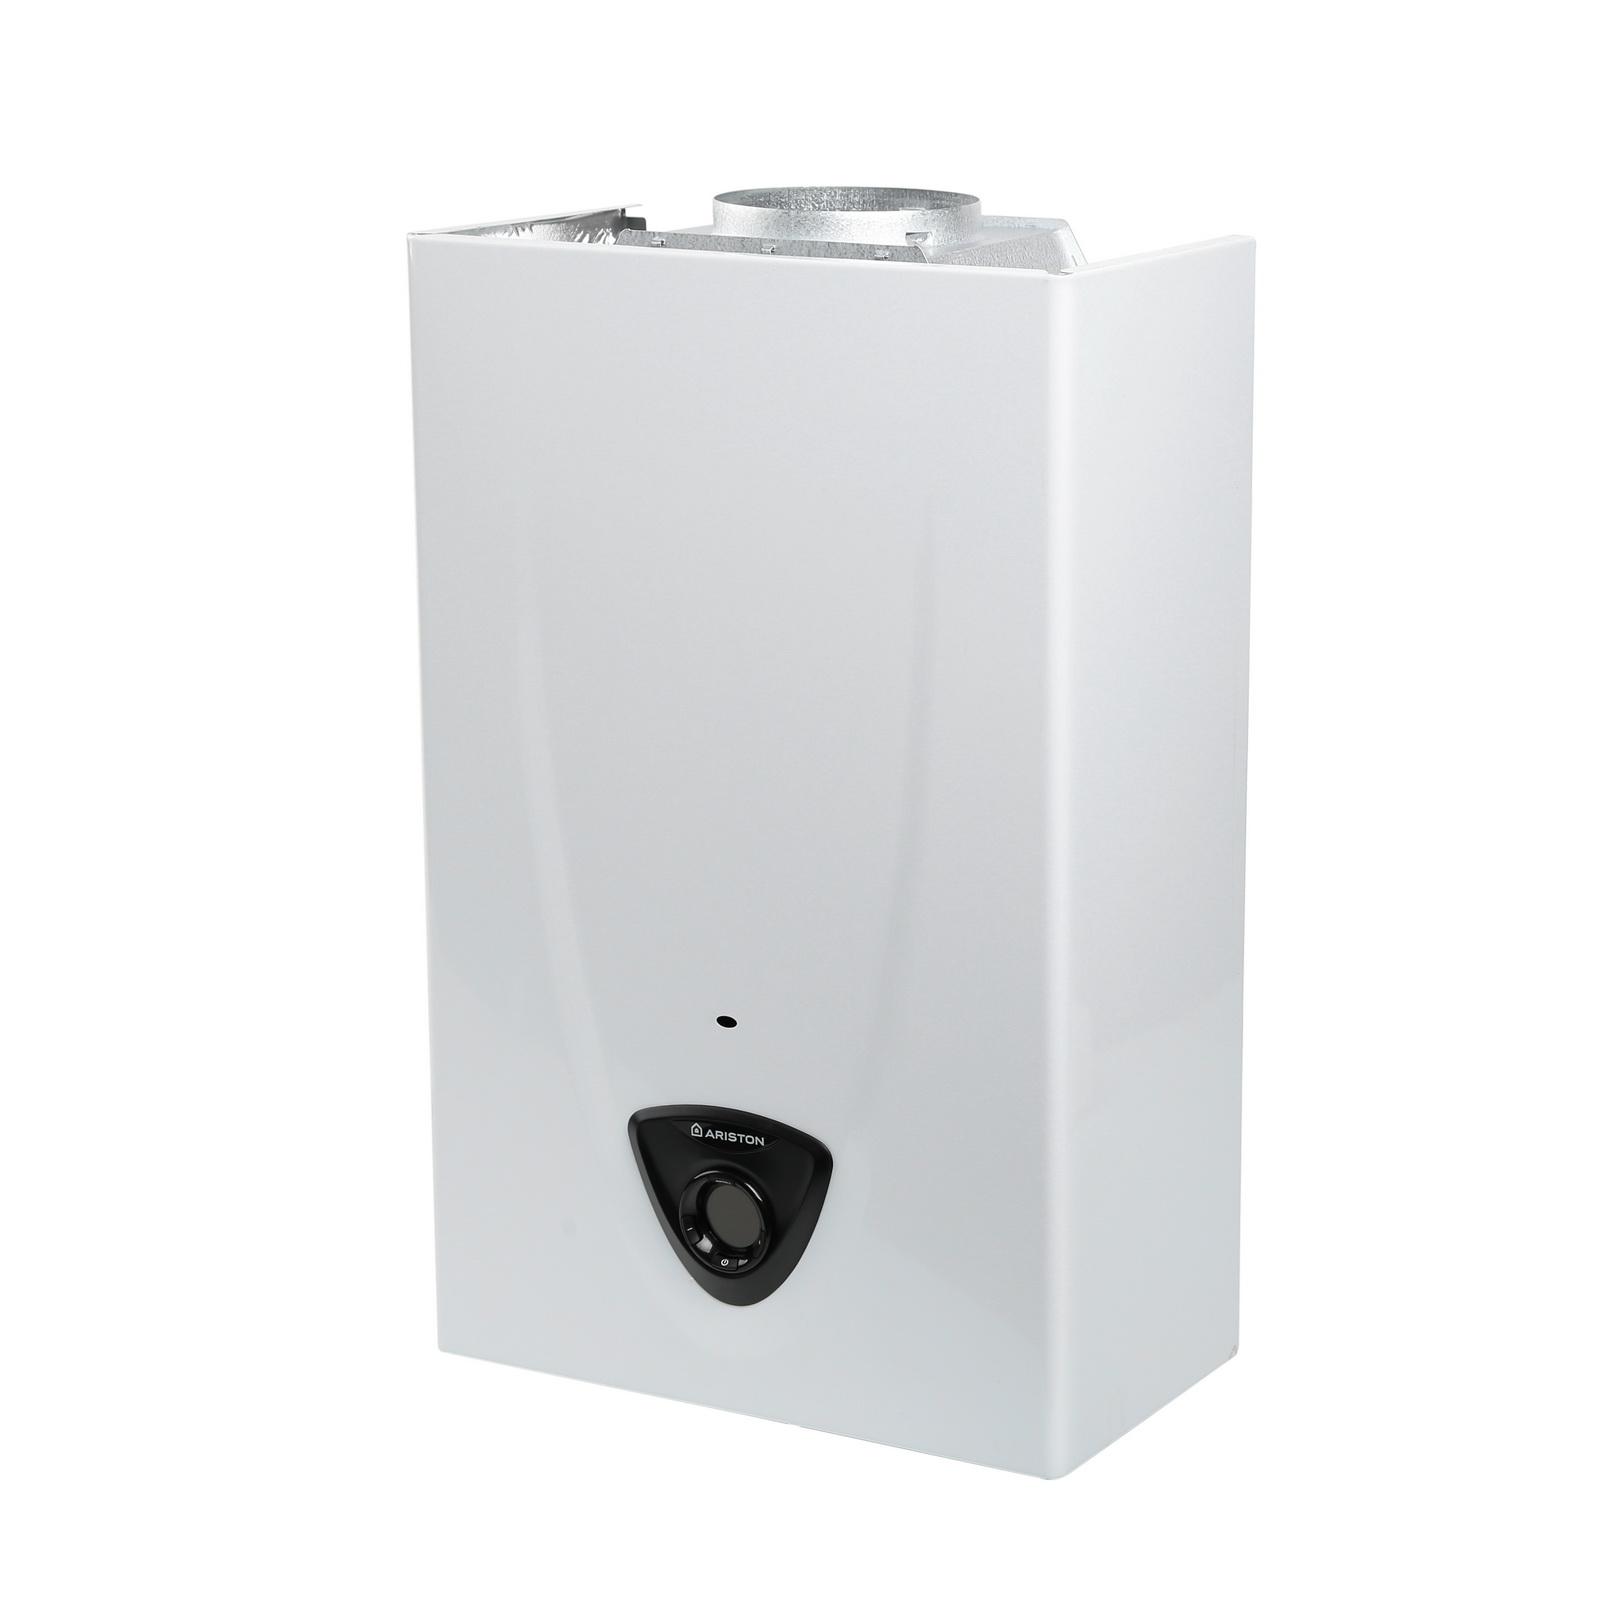 Проточный водонагреватель Ariston Fast evo 14c цена и фото